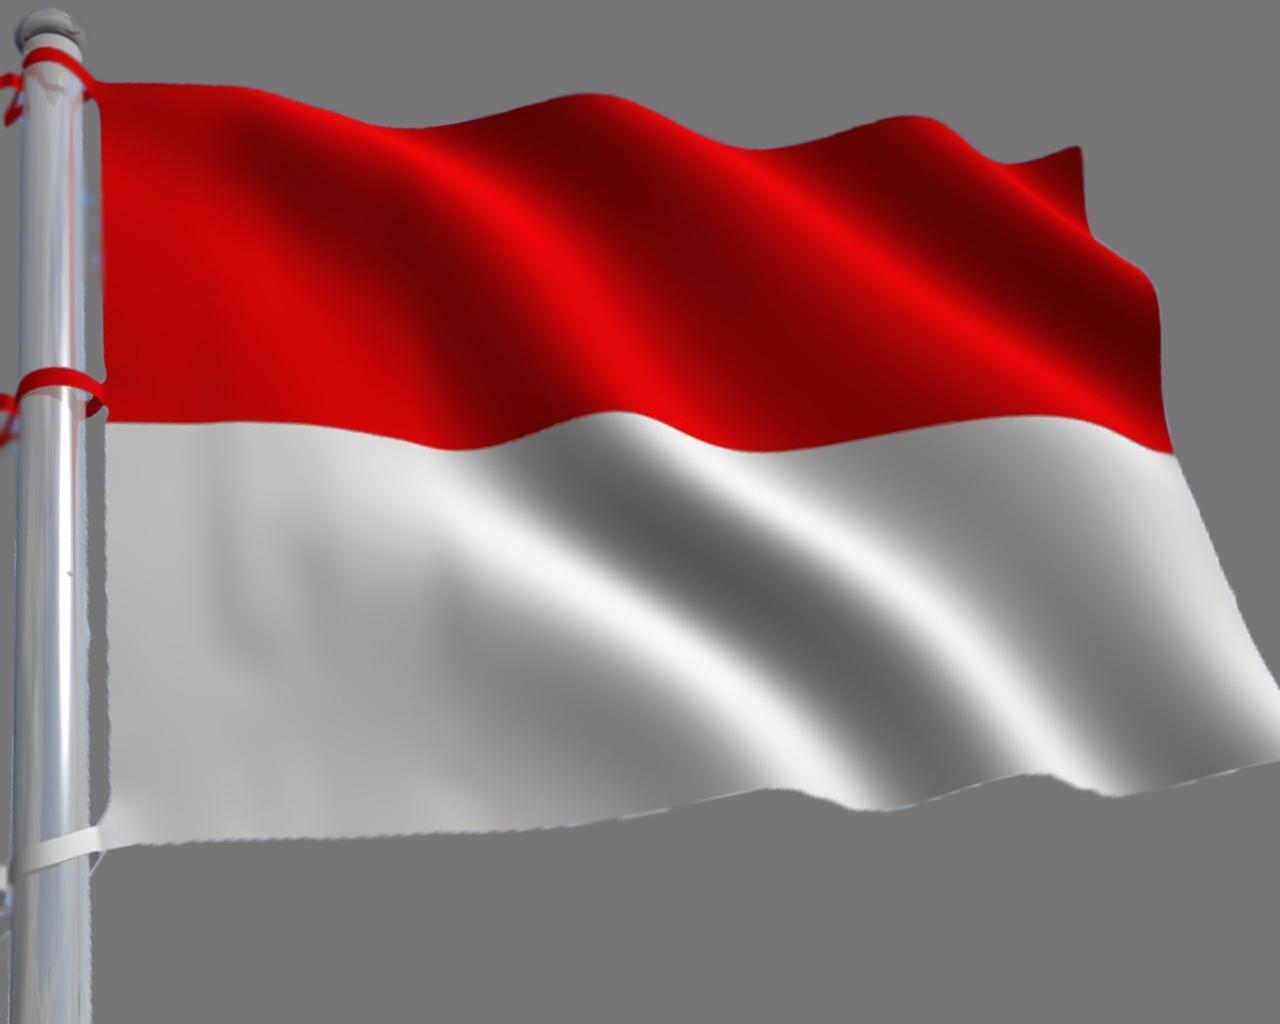 pengetahuan luas makna bendera merah putih 1280x1024 wallpaper teahub io pengetahuan luas makna bendera merah